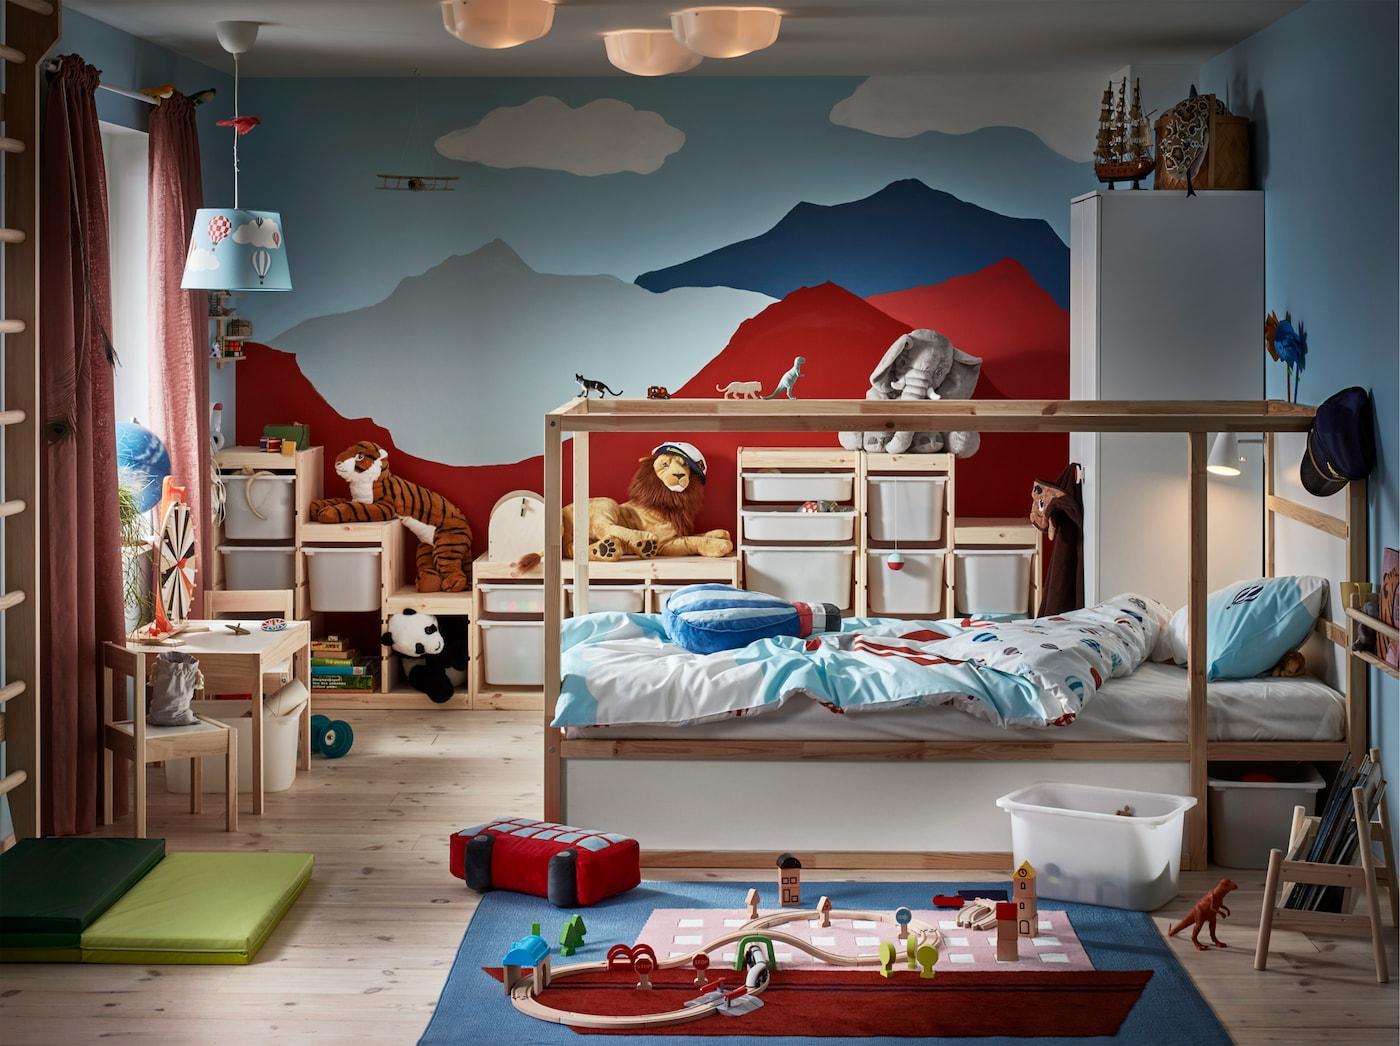 Børneværelse med seng af fyr, en væg, der er malet som et bjerglandskab, et tæppe med et bådprint og masser af legetøj.